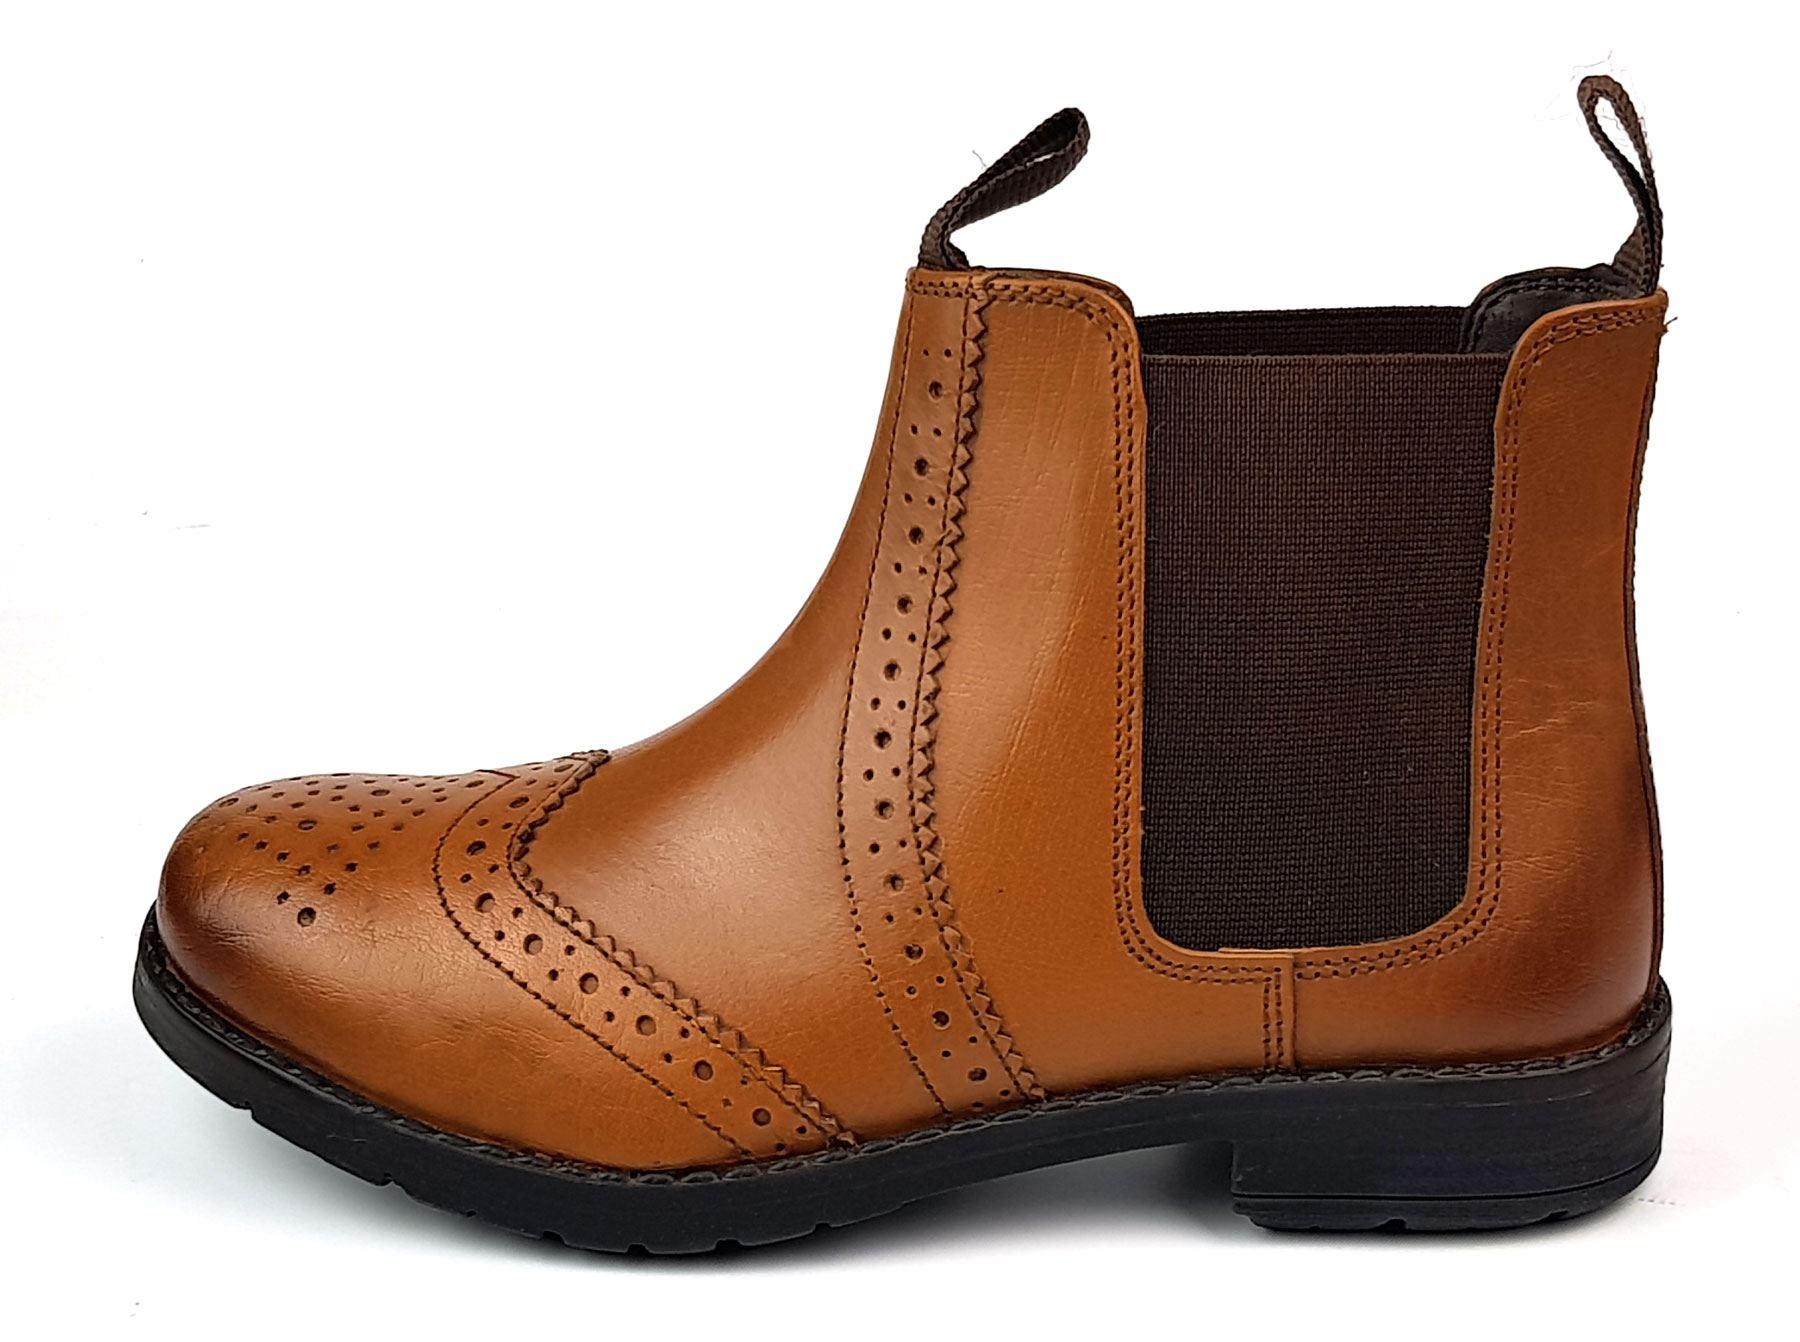 e047c7bbf Nueva Tierra jinete marrón castaño acento de cuero que detalla las botas de  los concesionarios. Fácil de poner y quitar. Estas botas son muy de moda y  se ...